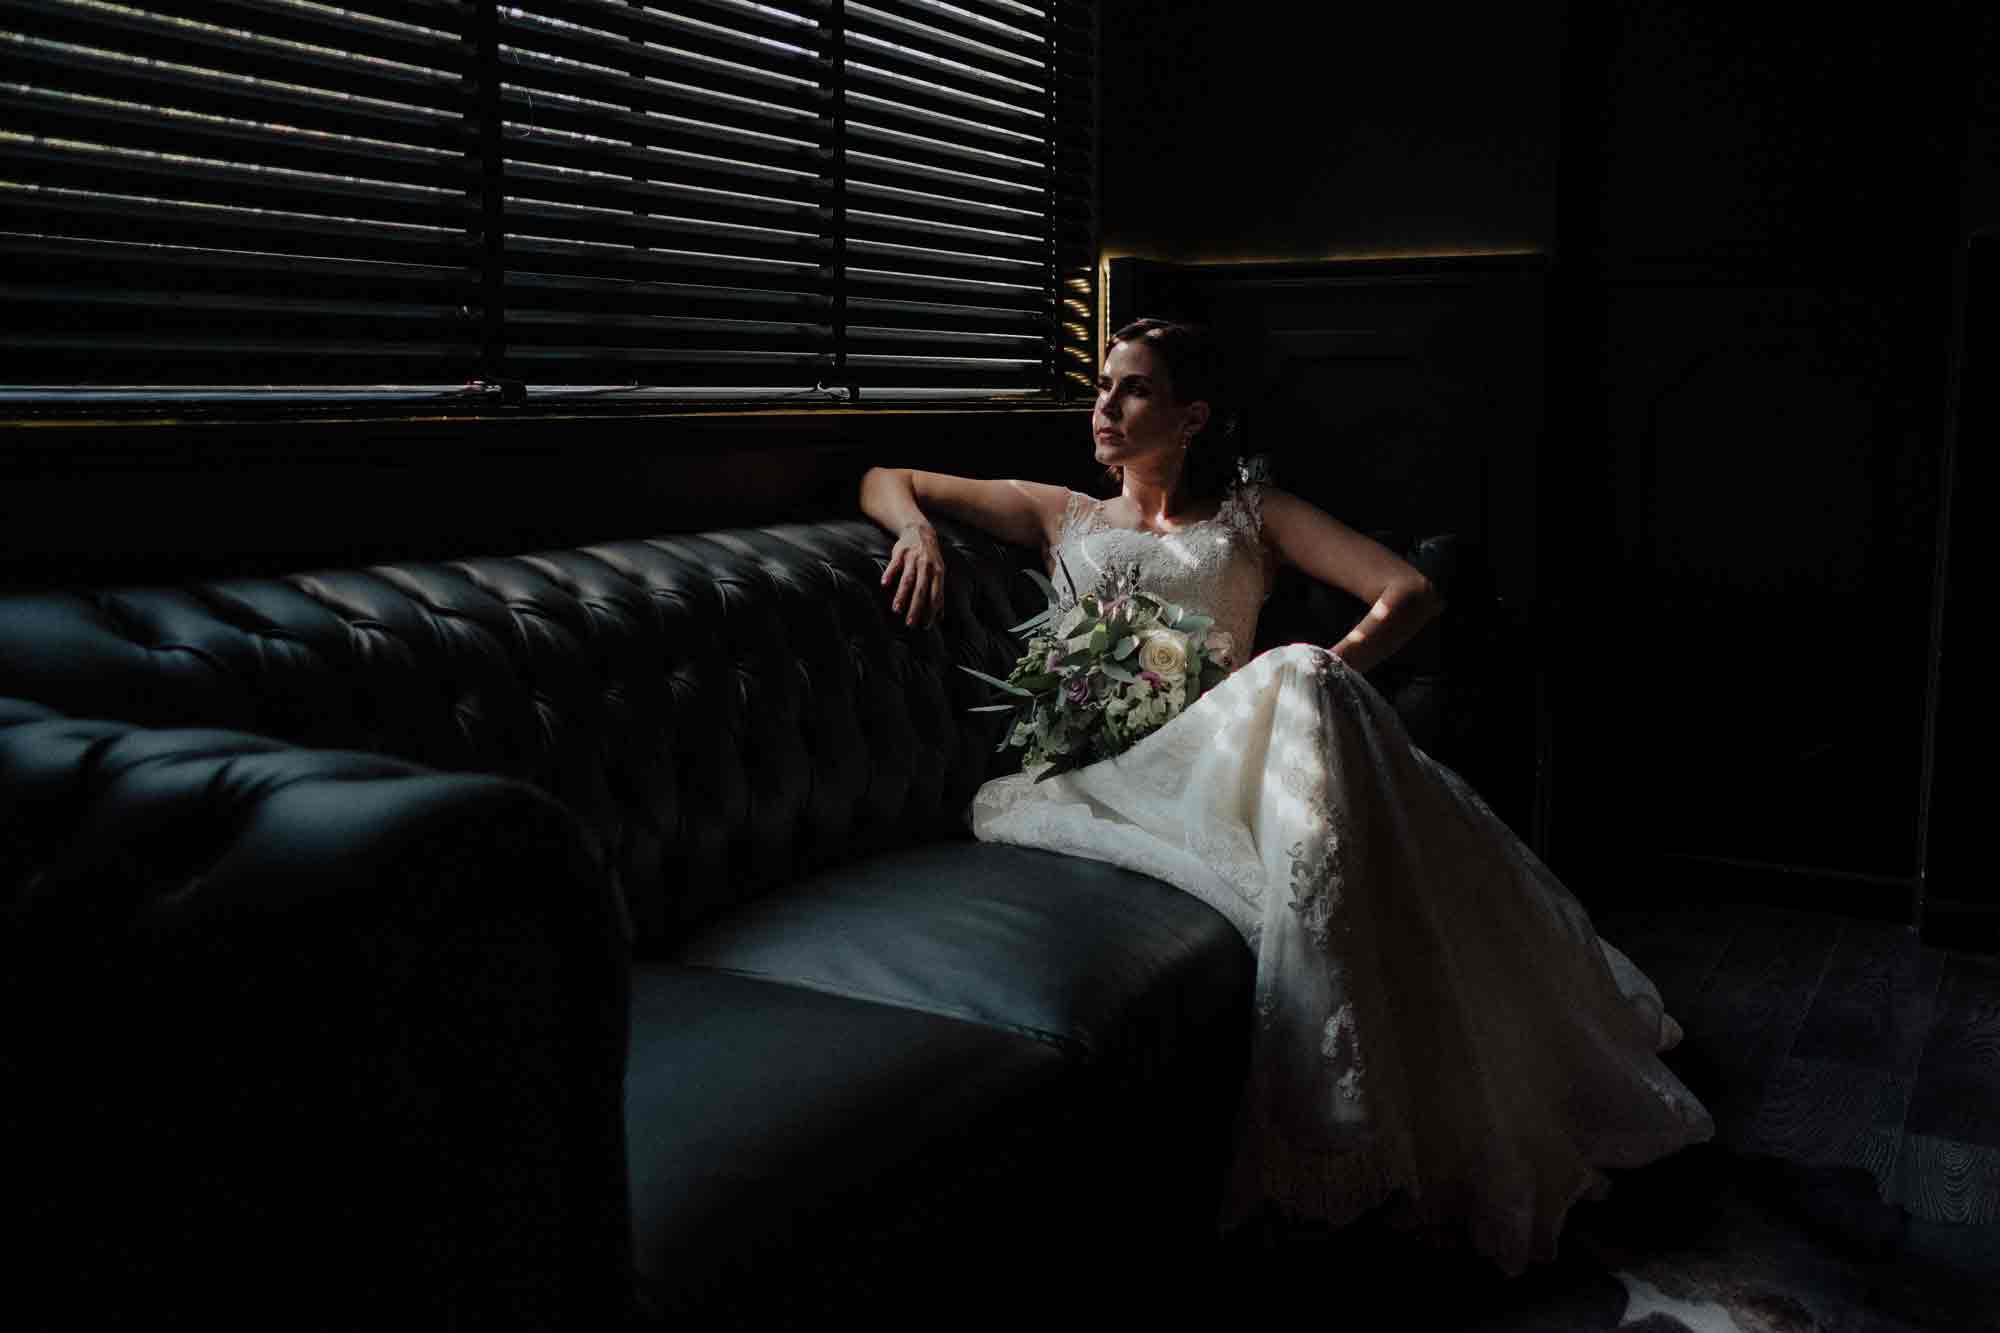 elena-barbosa--light-walkers-photografilm--workshops-cursos-de-fotografia-fotofest--saltillo-coahuila--mx1